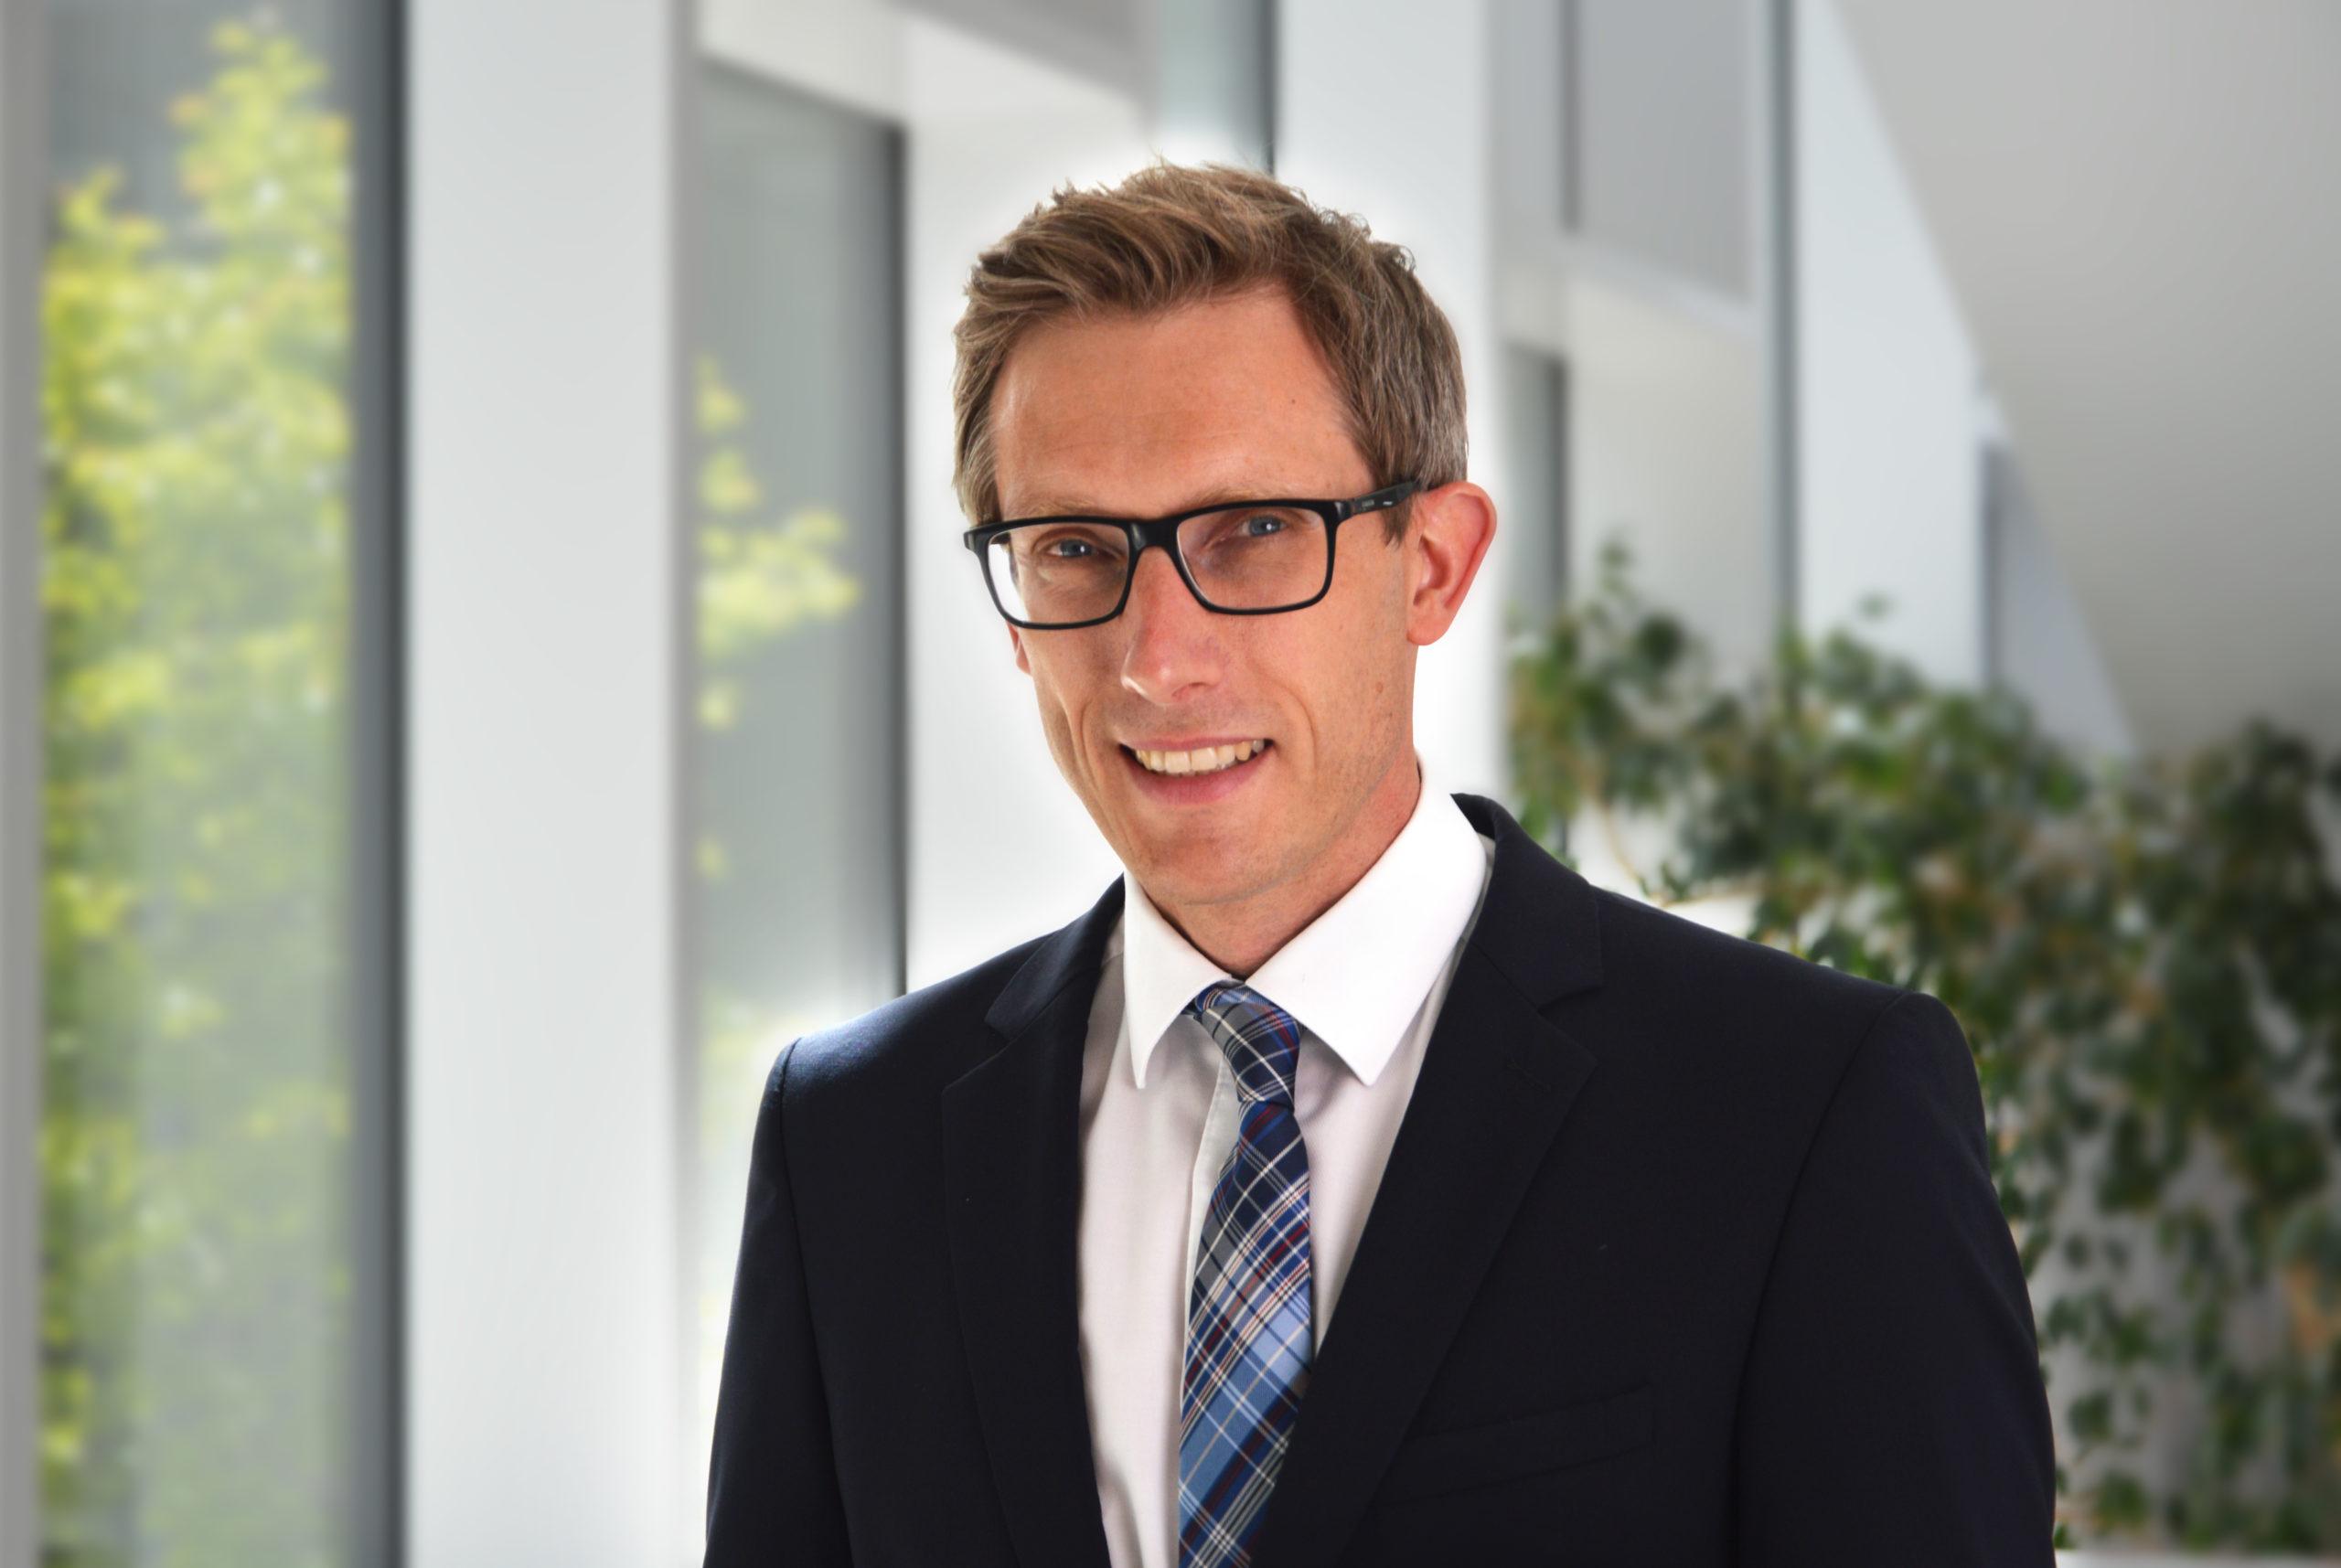 Der neue Institutsleiter des Fraunhofer IGCV: Prof. Dr.-Ing. Rüdiger Daub